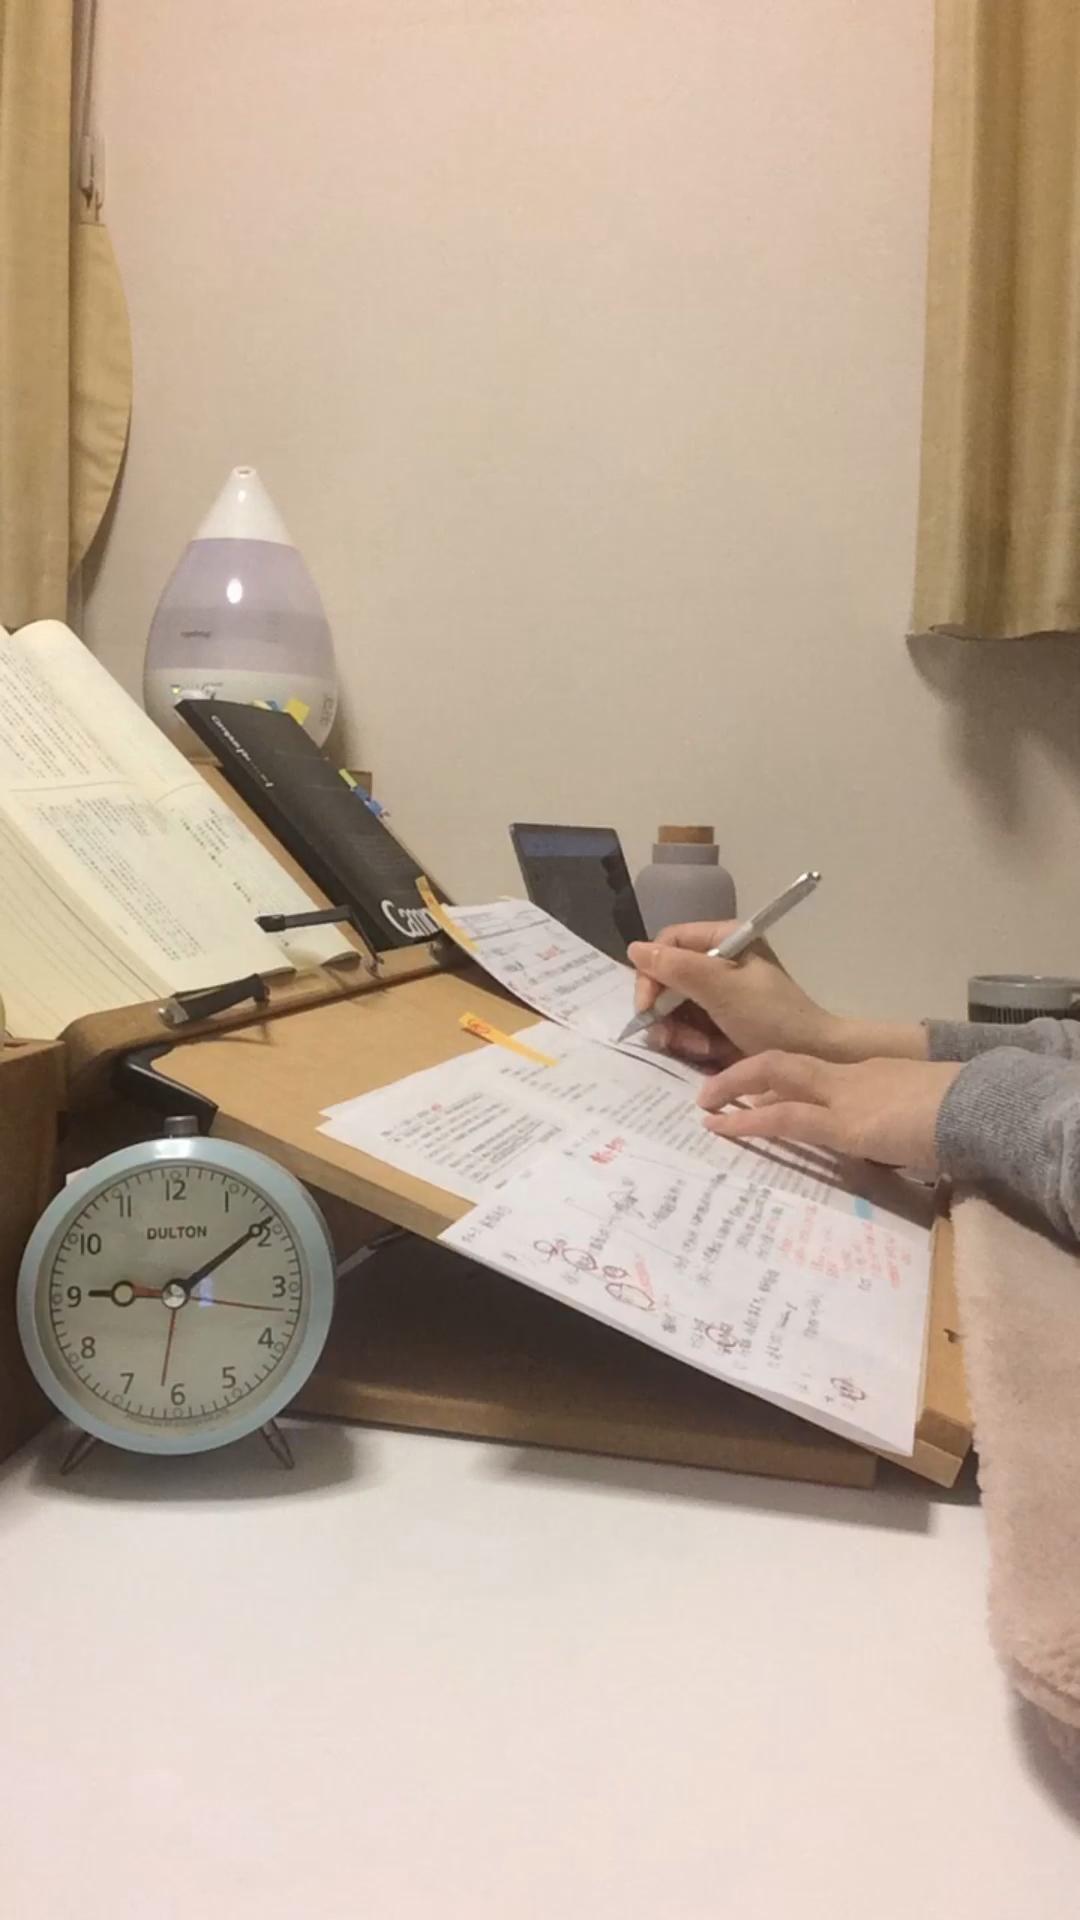 弁理士試験ウケル 笑 - YouTube